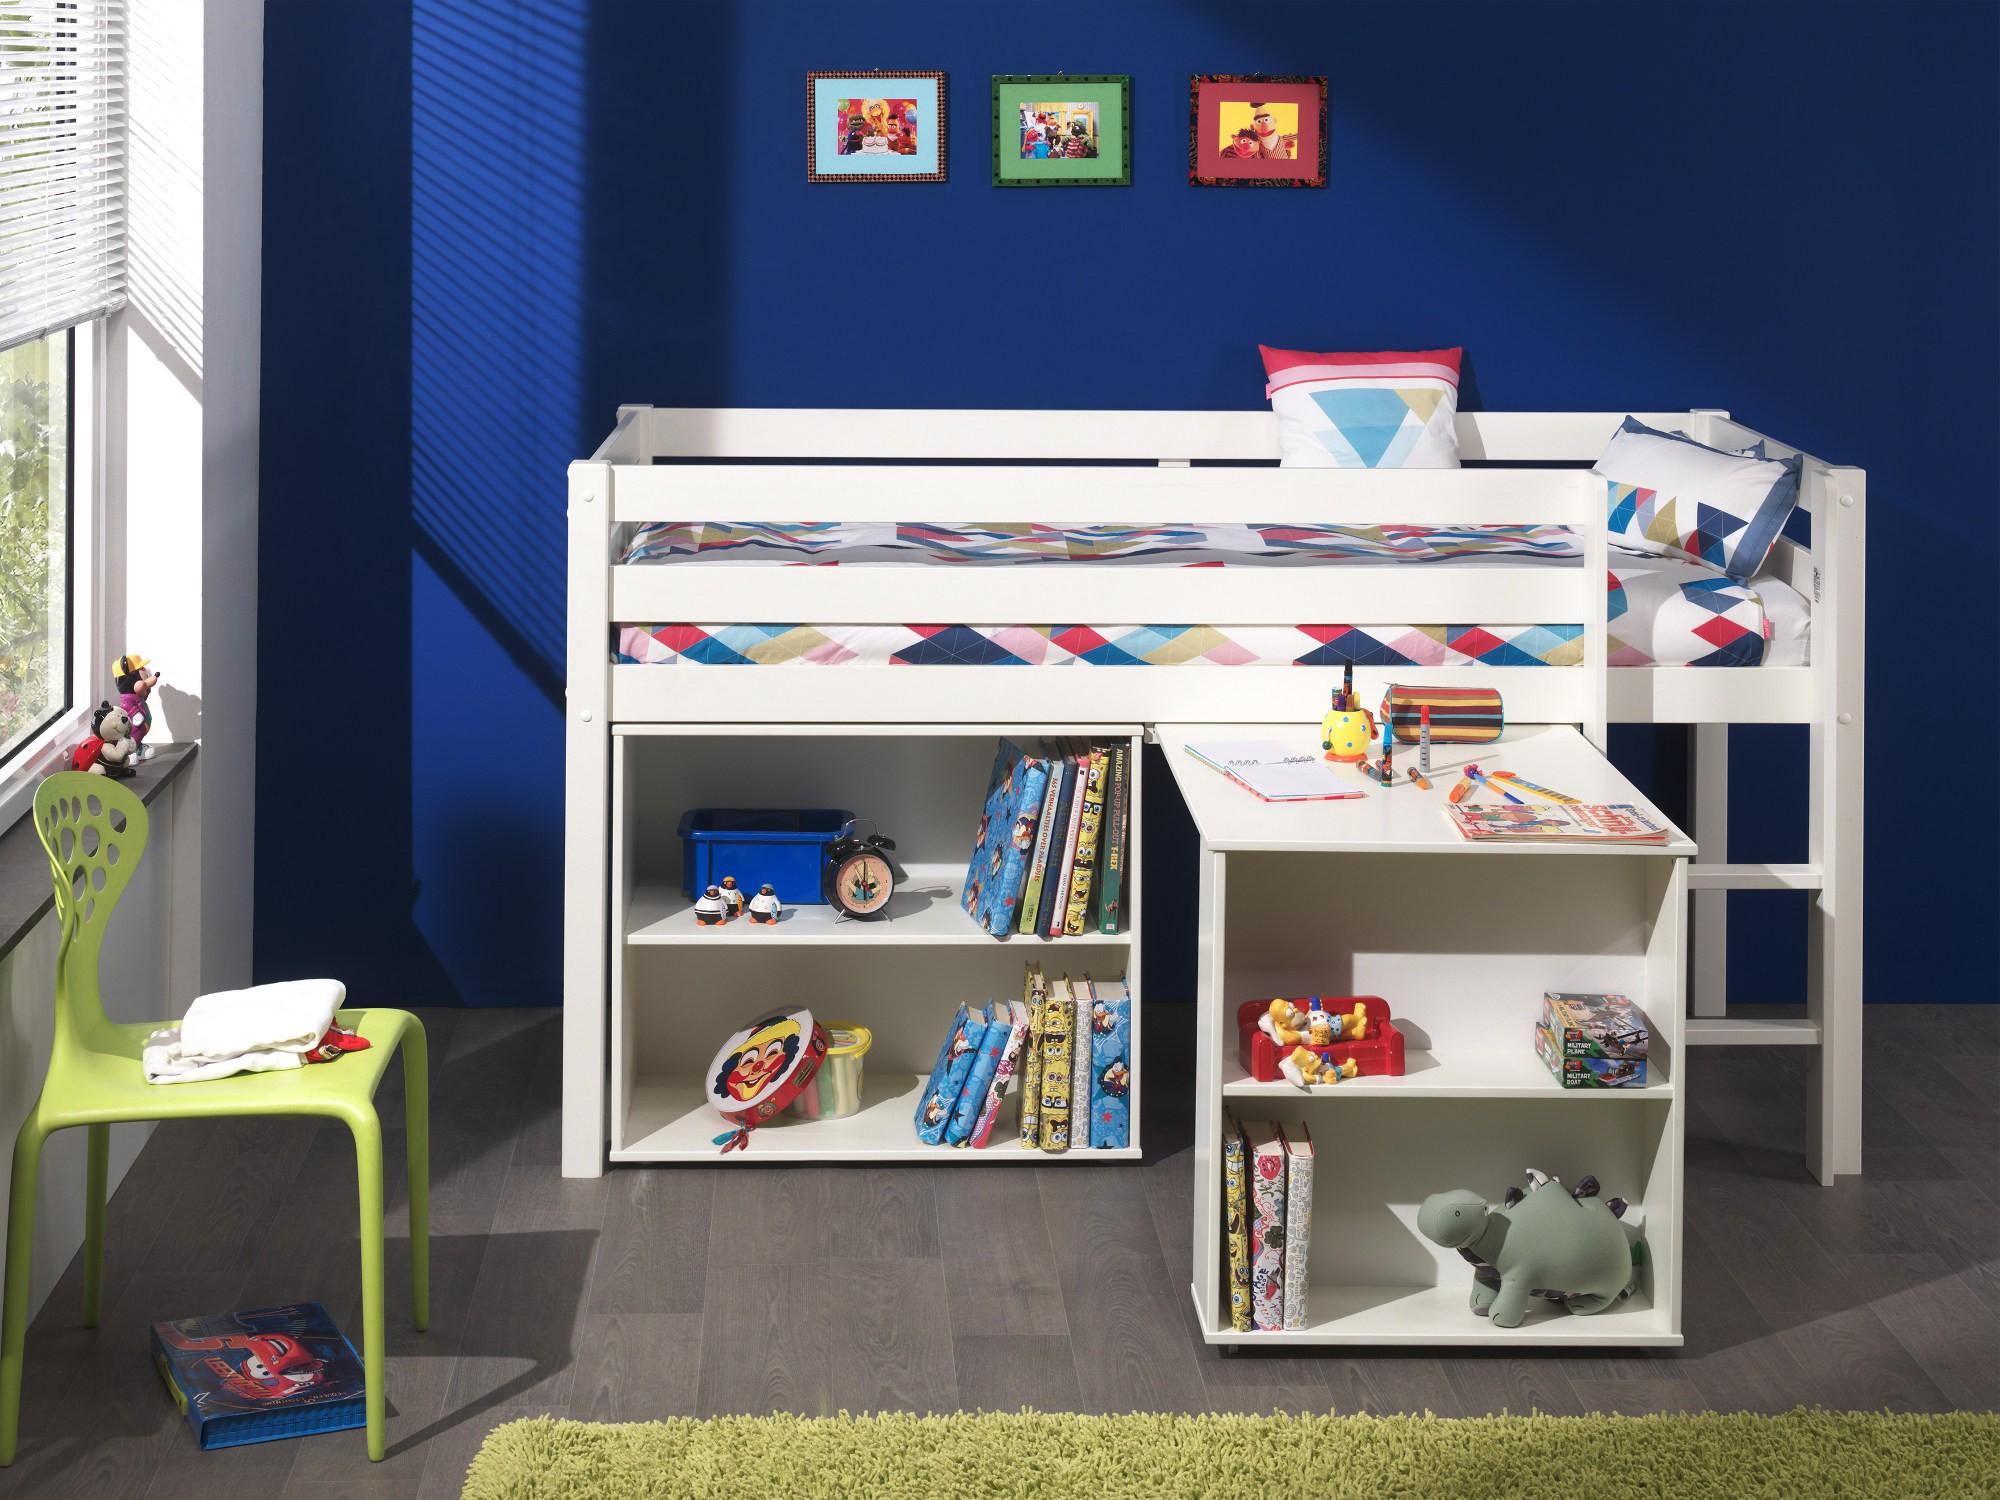 Full Size of Kinderzimmer Hochbett Funktionsbett Pino Mit Schreibtisch Regal Leiter Regale Weiß Sofa Kinderzimmer Kinderzimmer Hochbett